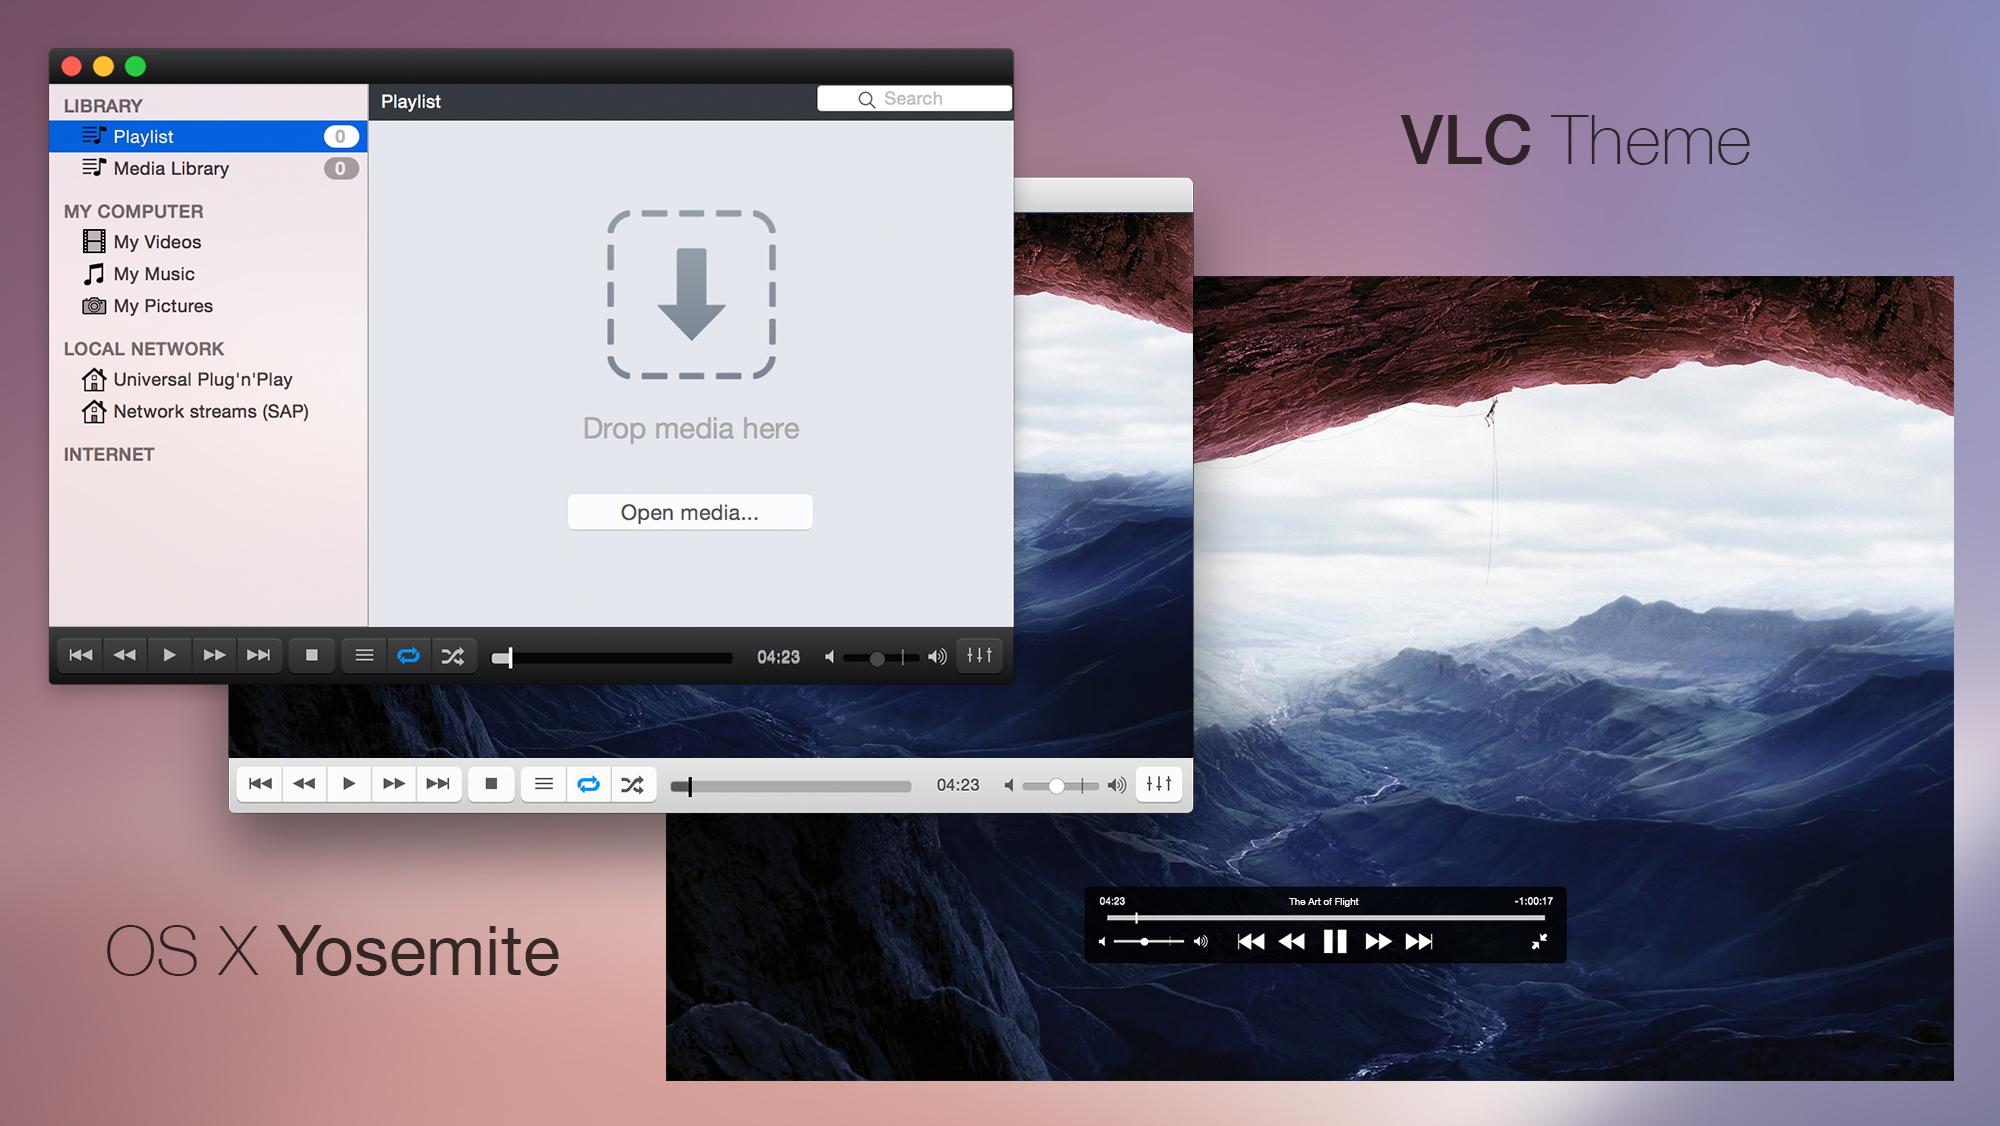 VLC Theme (OS X Yosemite)